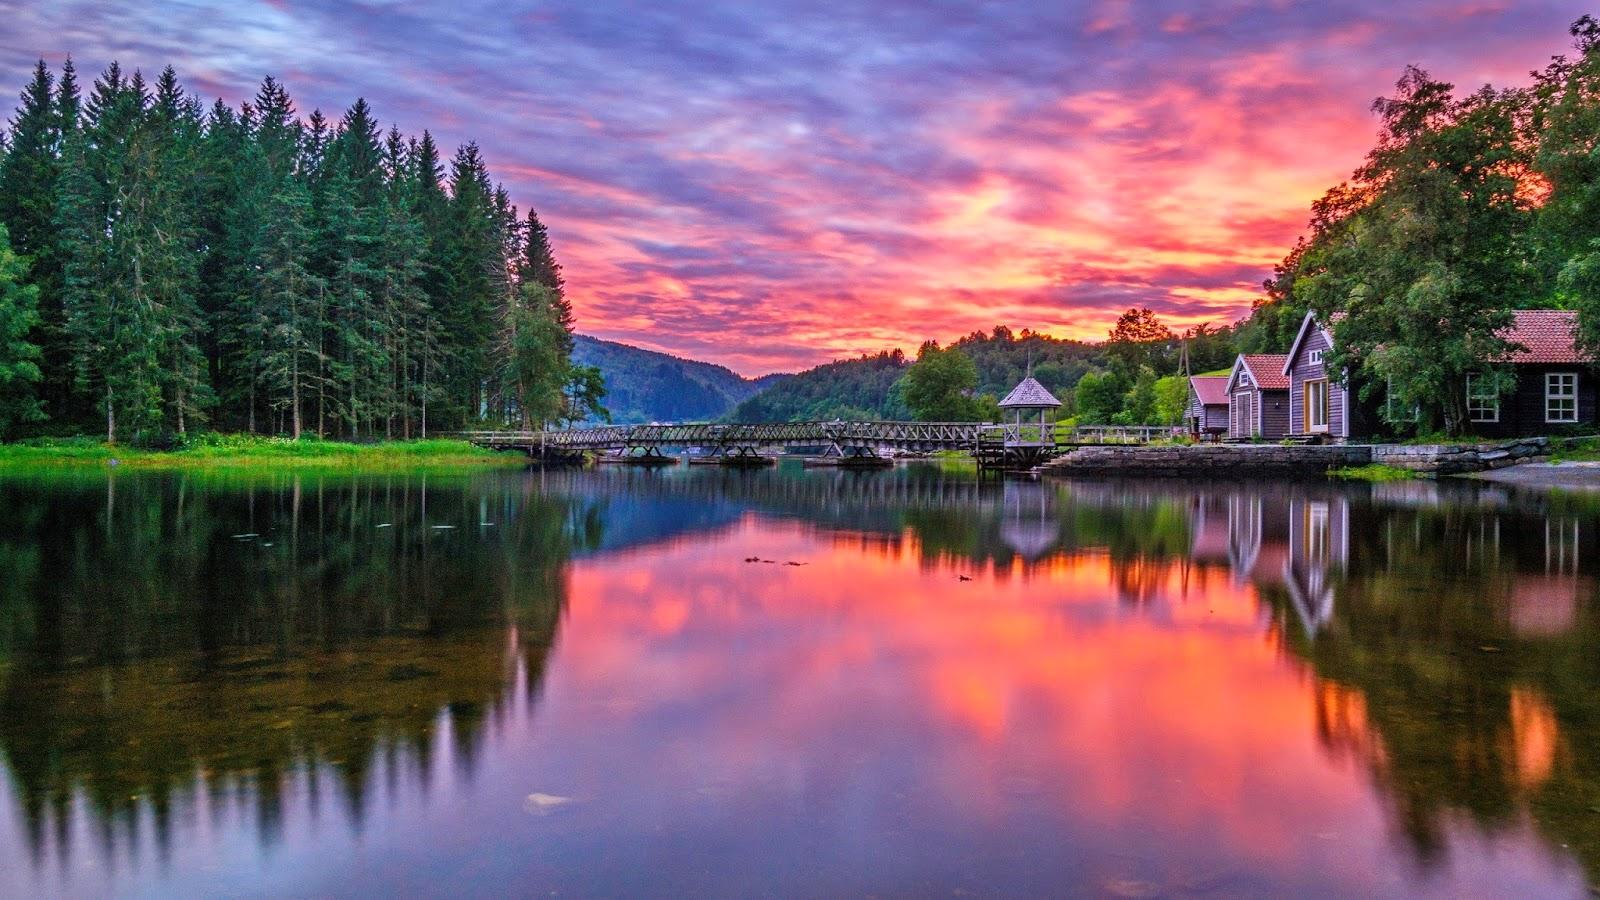 صوره اروع الصور للطبيعة , اجمل صور خلفيات للطبيعه الساحره